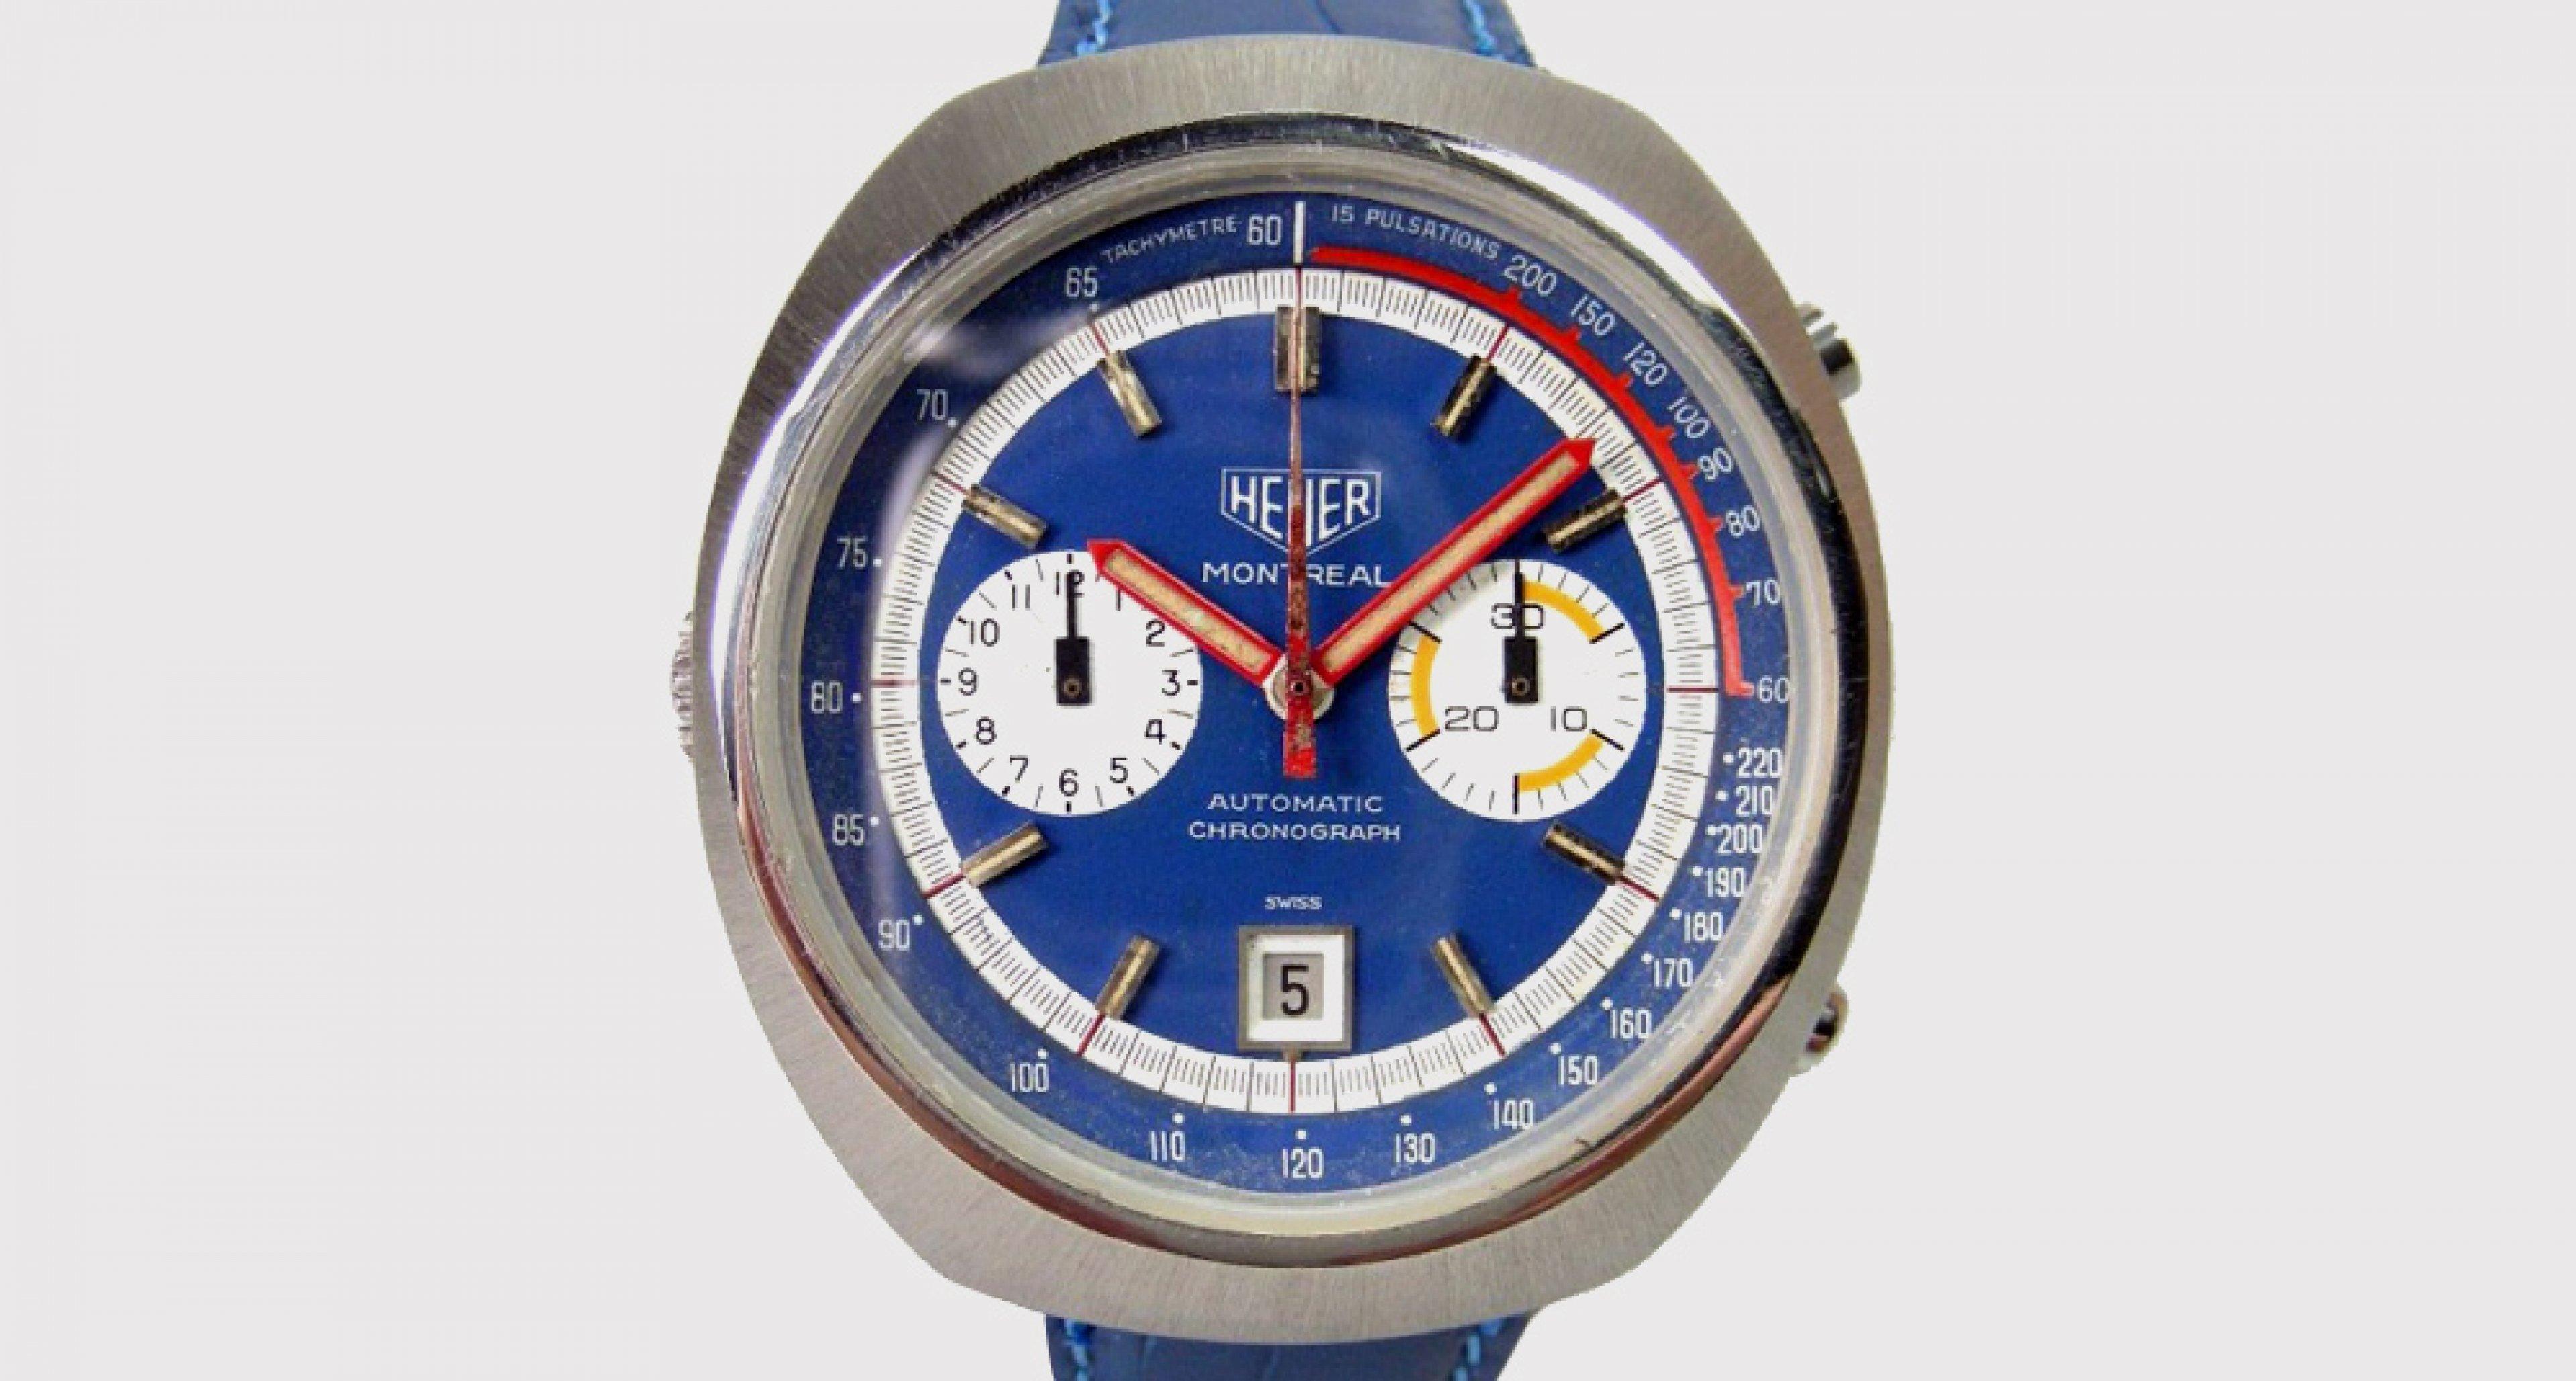 Heuer - Montréal chronographe cadran bleu deux compteurs